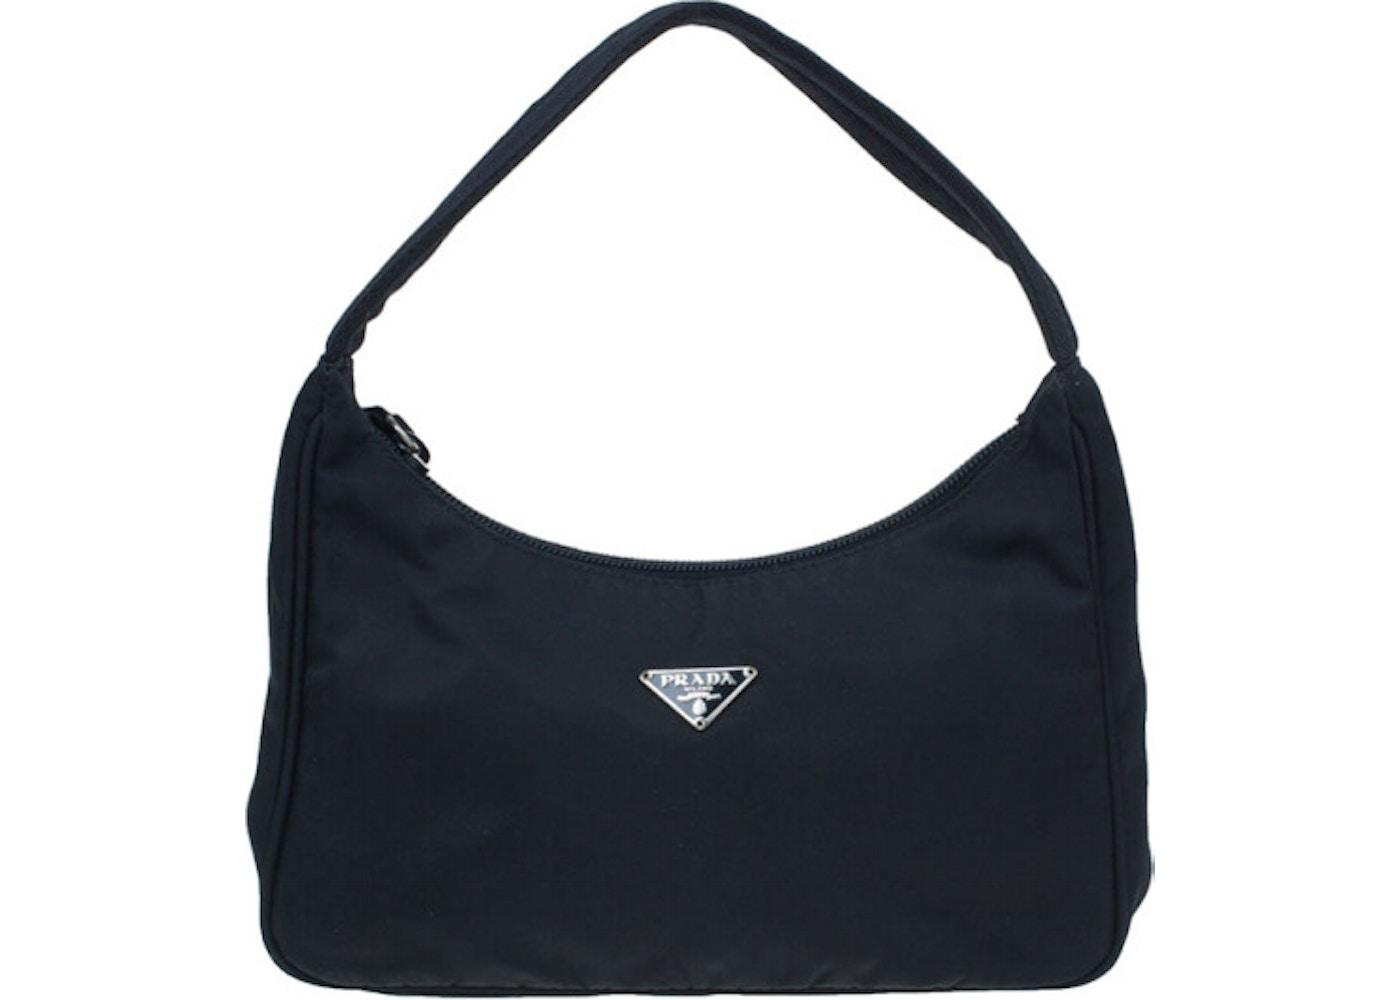 477bf4e8174f Prada Shoulder Bag Nylon Tessuto Mini Black. Nylon Tessuto Mini Black